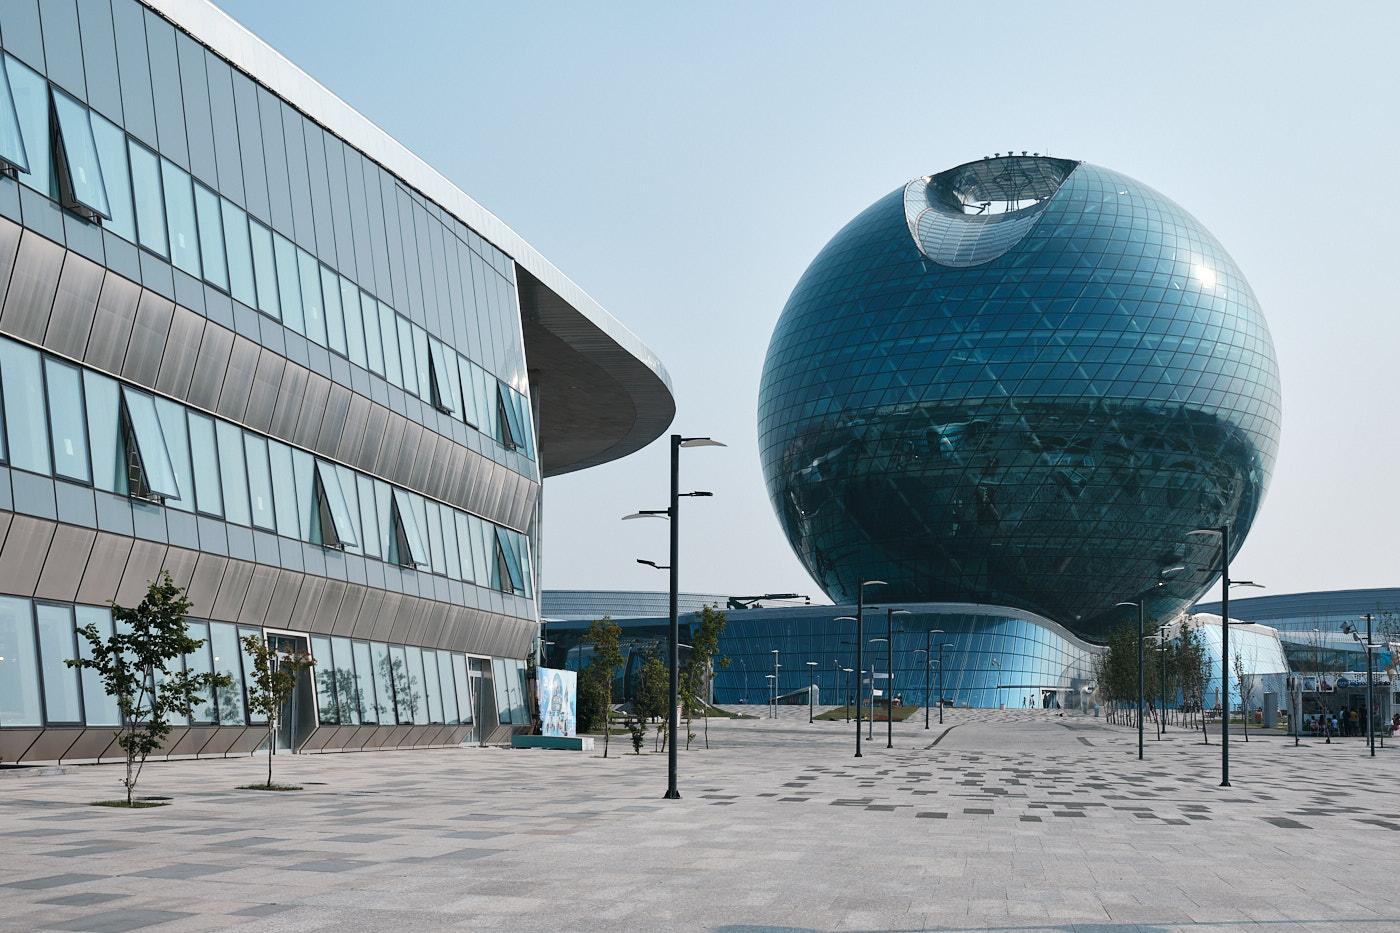 """Der Kasachstan-Pavillon """"The Sphere"""" der Expo 2017, eine Kugelkonstruktion aus Glas und Stahl mit einem Durchmesser von 80 Metern. Damit ist der Bau die größte geschlossene Sphäre, die bisher realisiert wurde."""